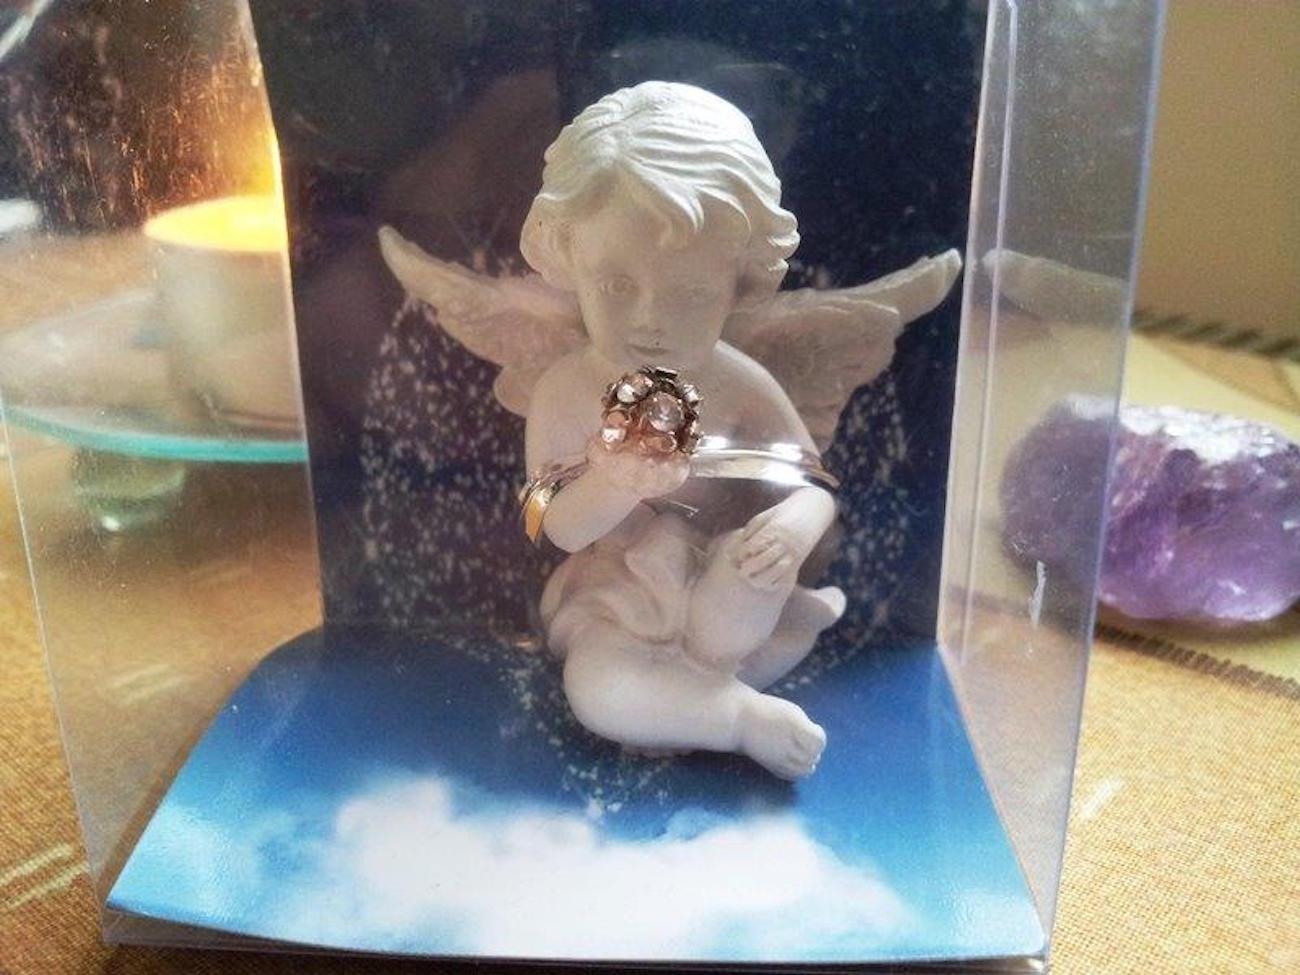 Povezovanje in komuniciranje z angeli